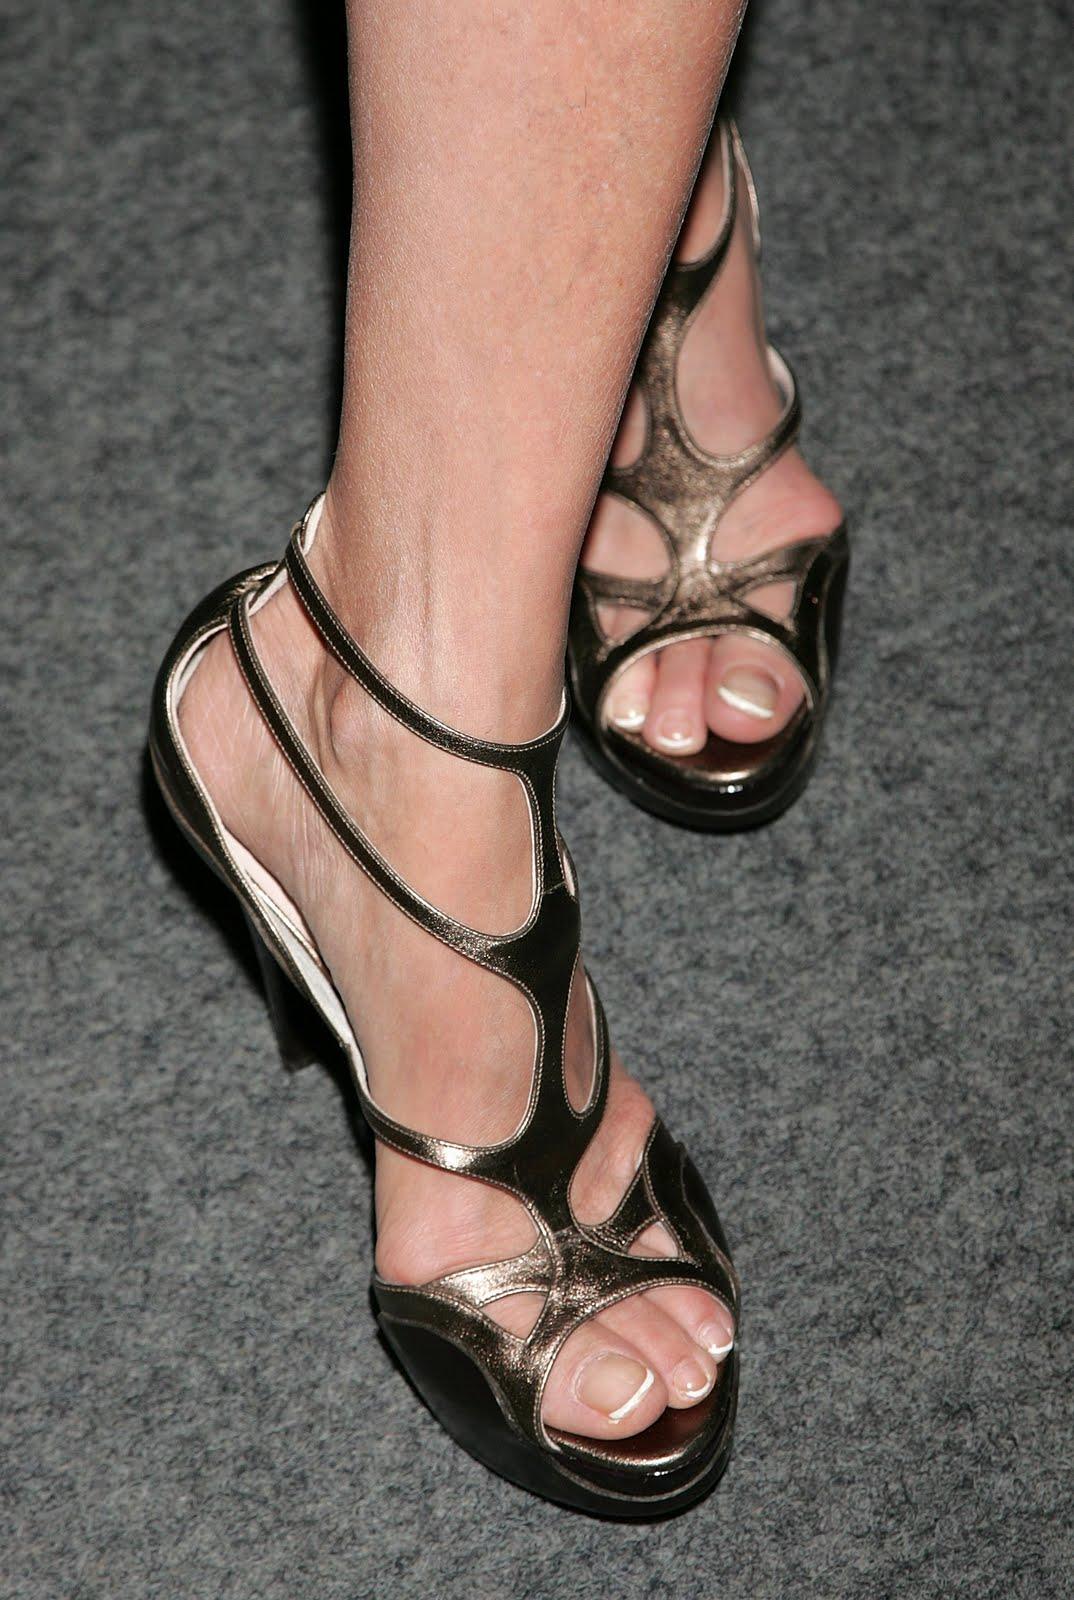 Lisa Edelstein FeetLisa Whelchel Legs